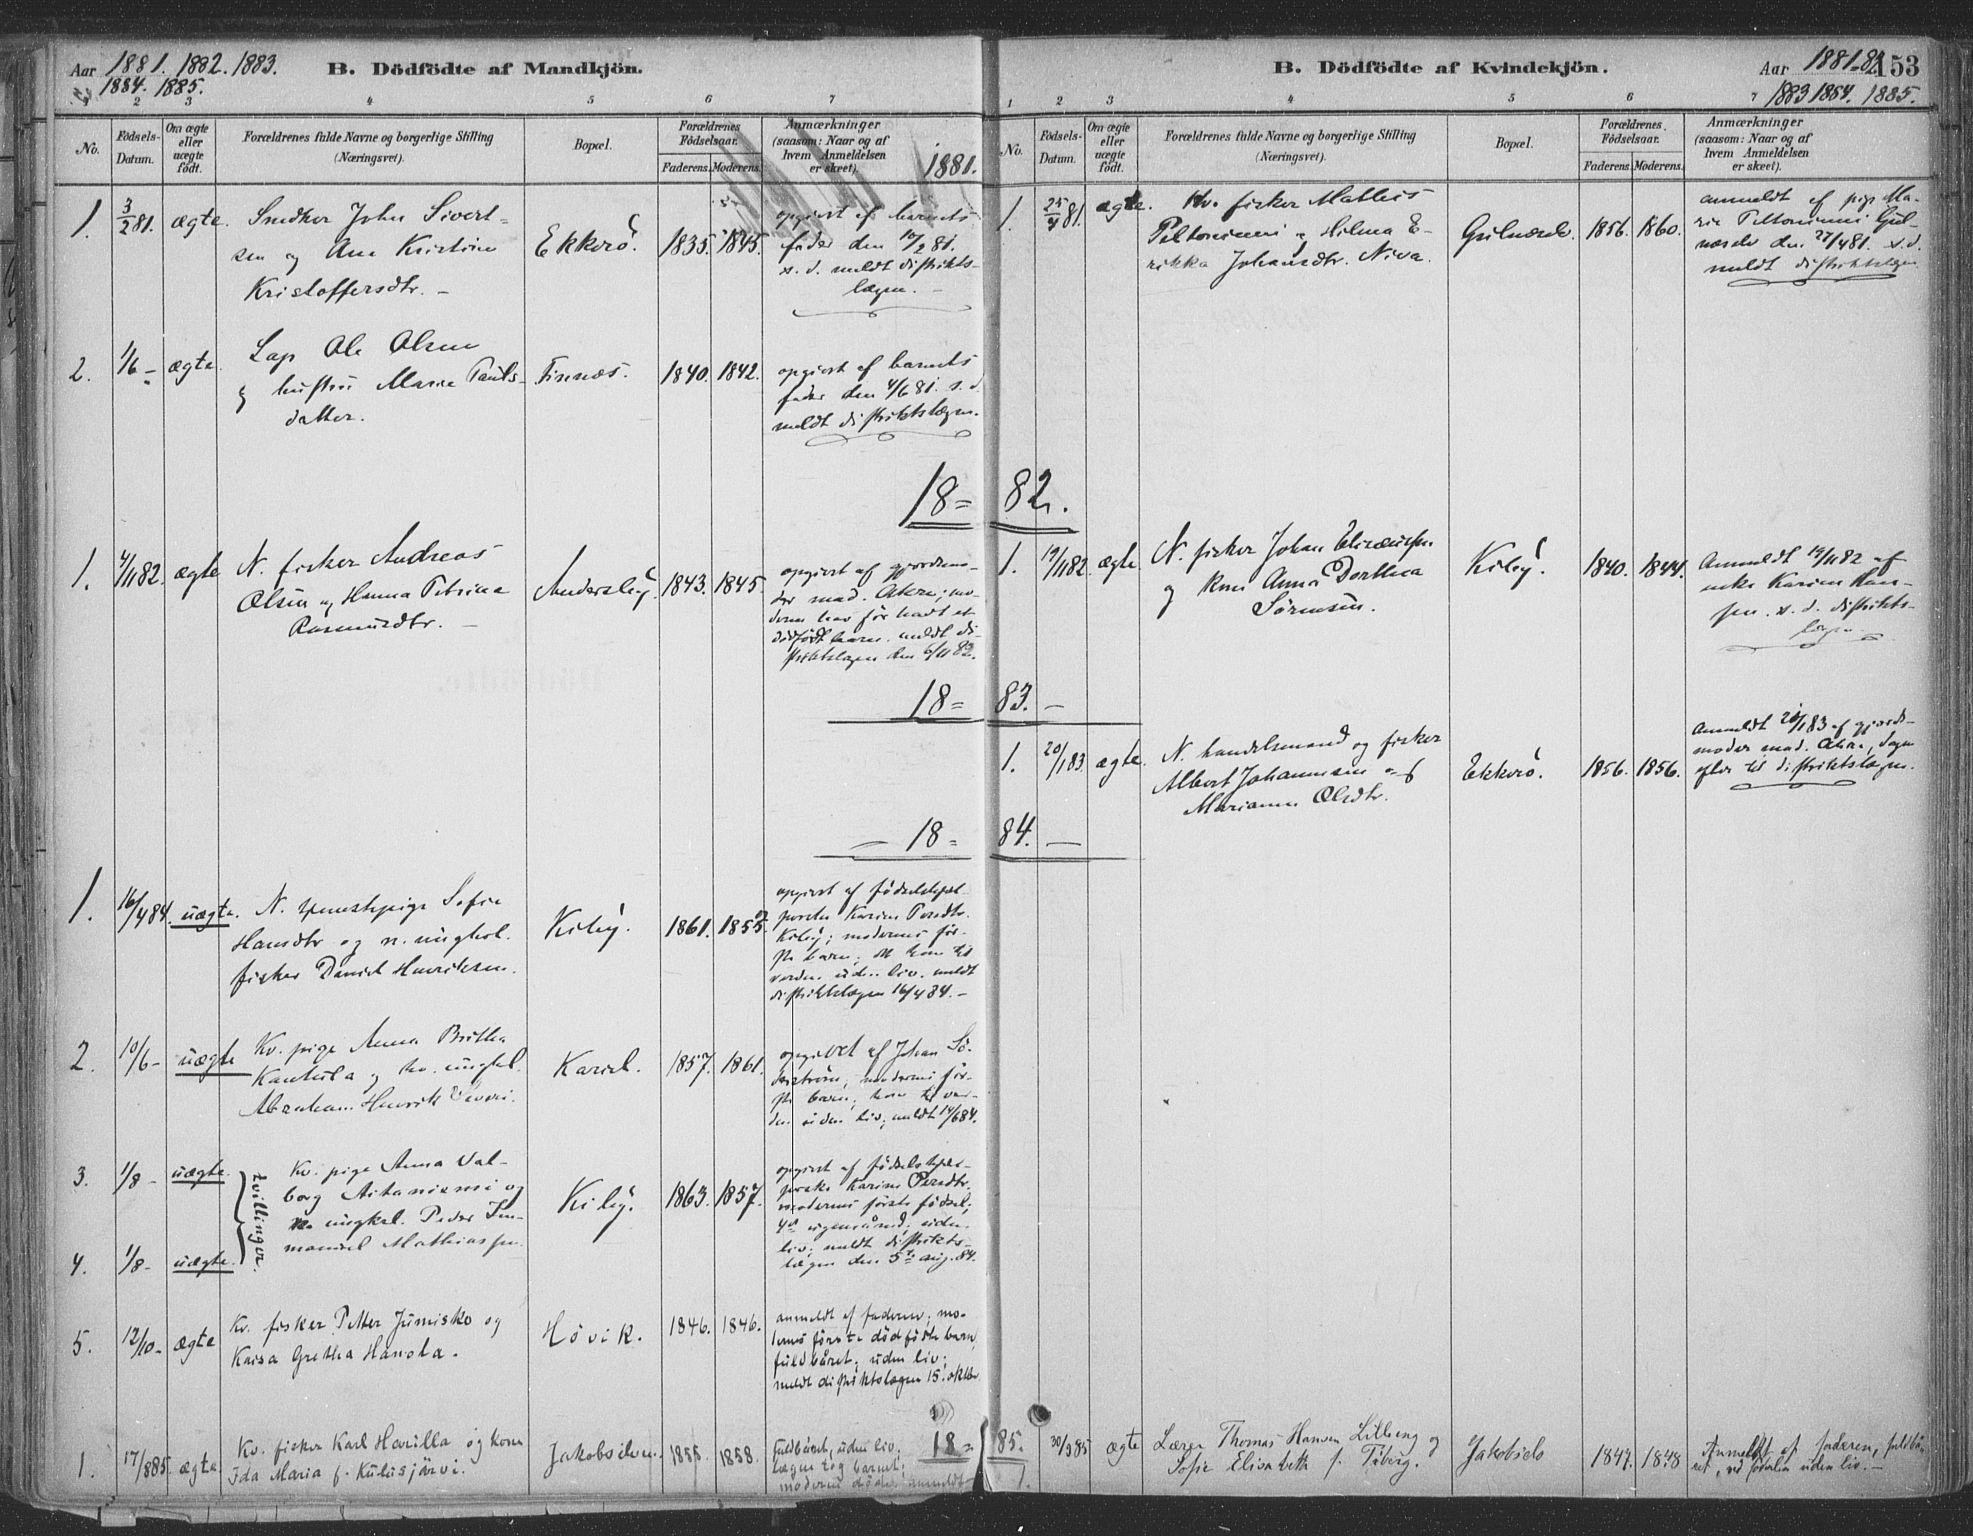 SATØ, Vadsø sokneprestkontor, H/Ha/L0009kirke: Ministerialbok nr. 9, 1881-1917, s. 153